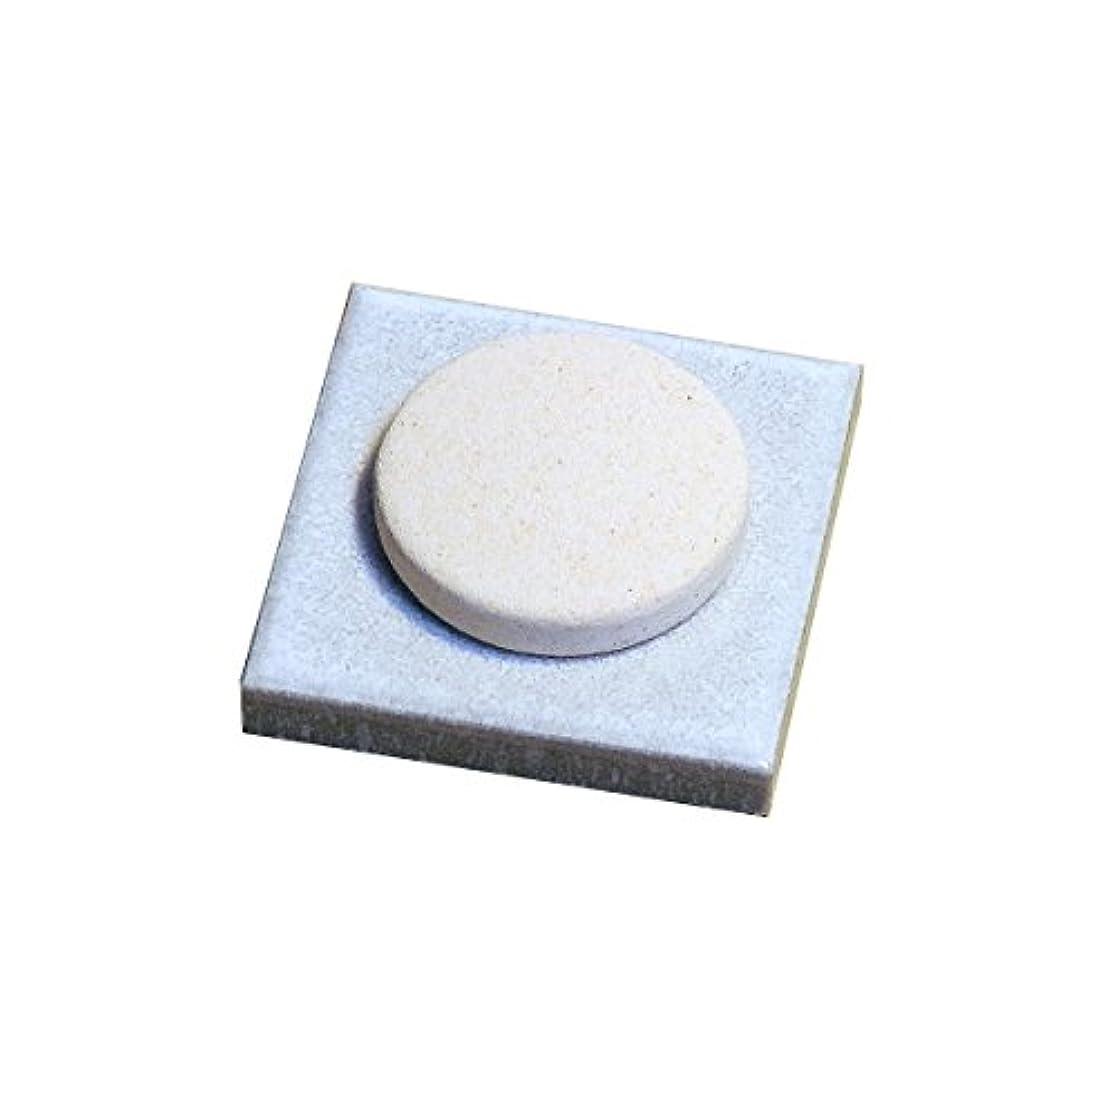 傑作ライフル下る〔立風屋〕珪藻土アロマプレート美濃焼タイルセット ホワイト(白) RPAP-01003-WT